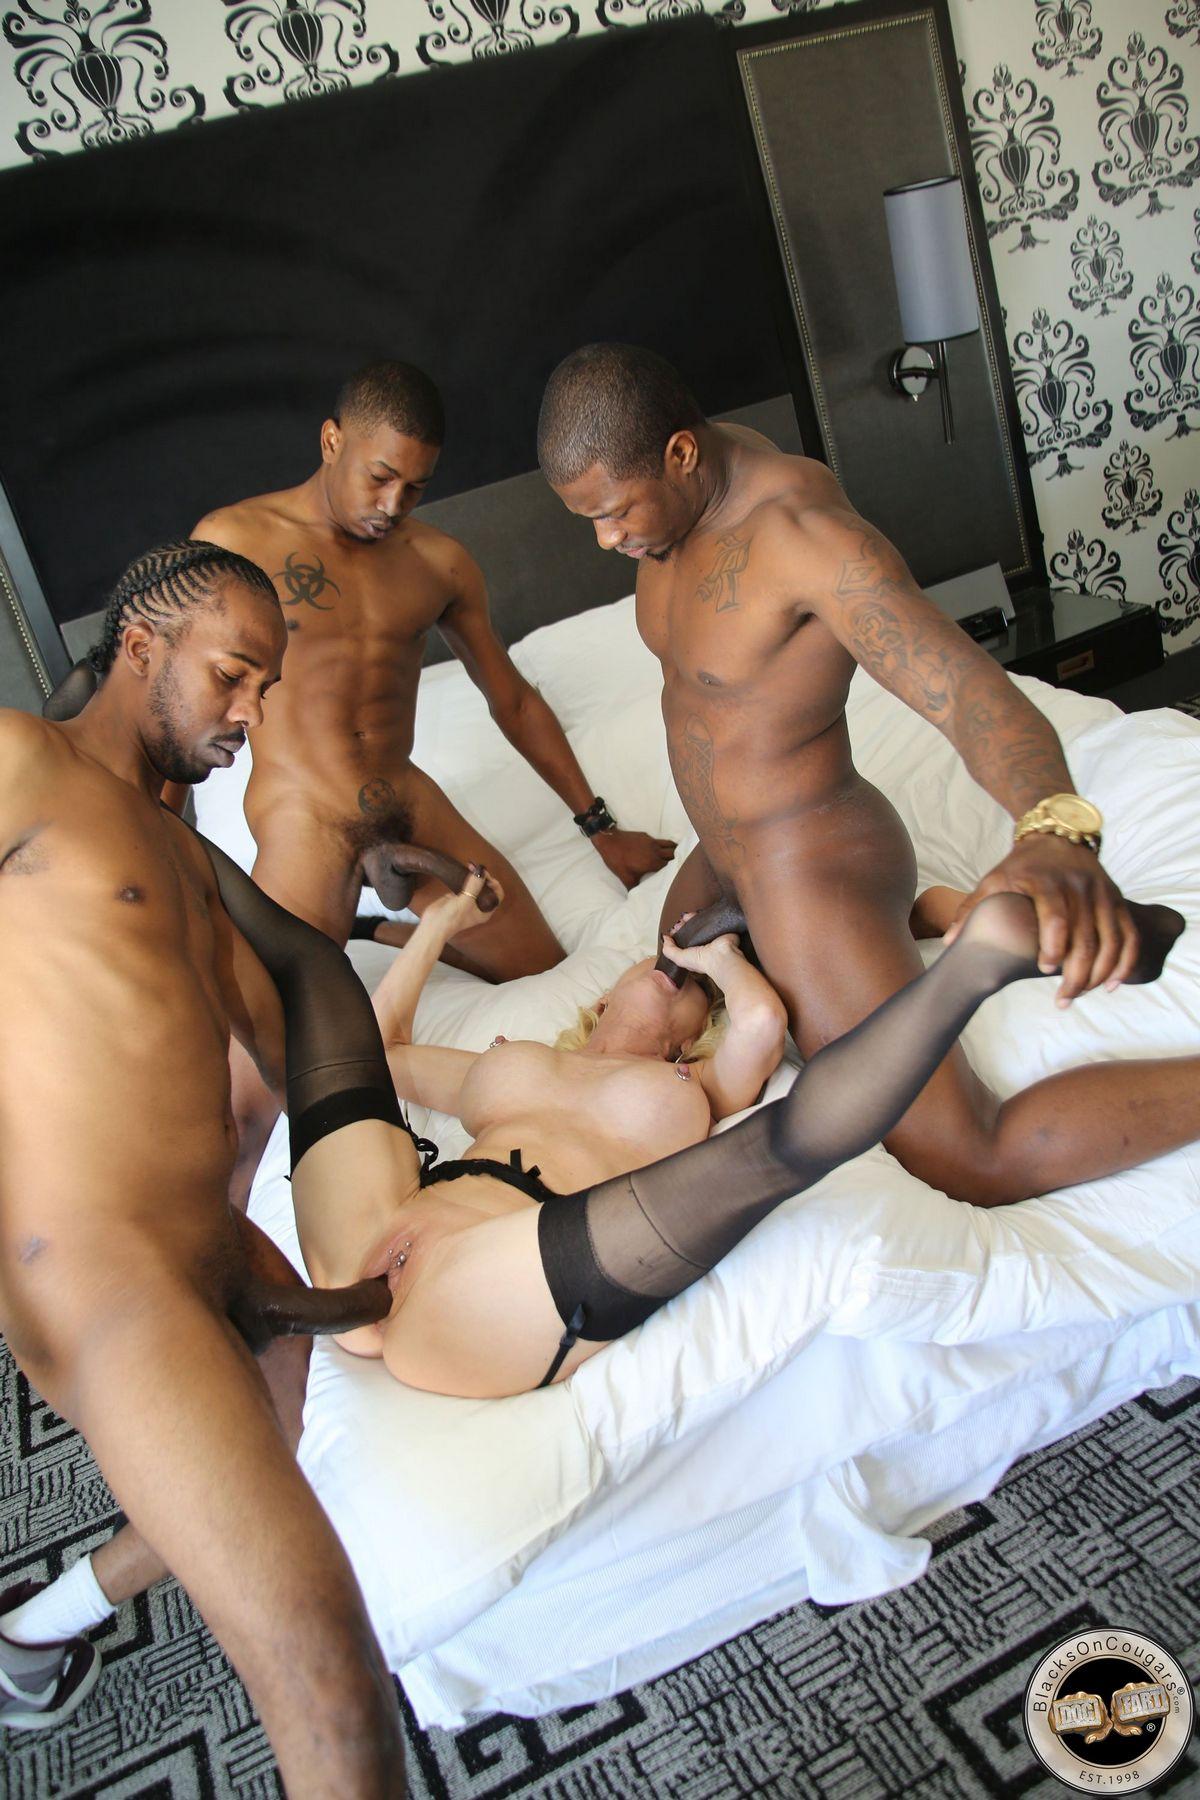 Три африканца трахают взрослую блондиночку в ее лежанки. Порно блондинка.